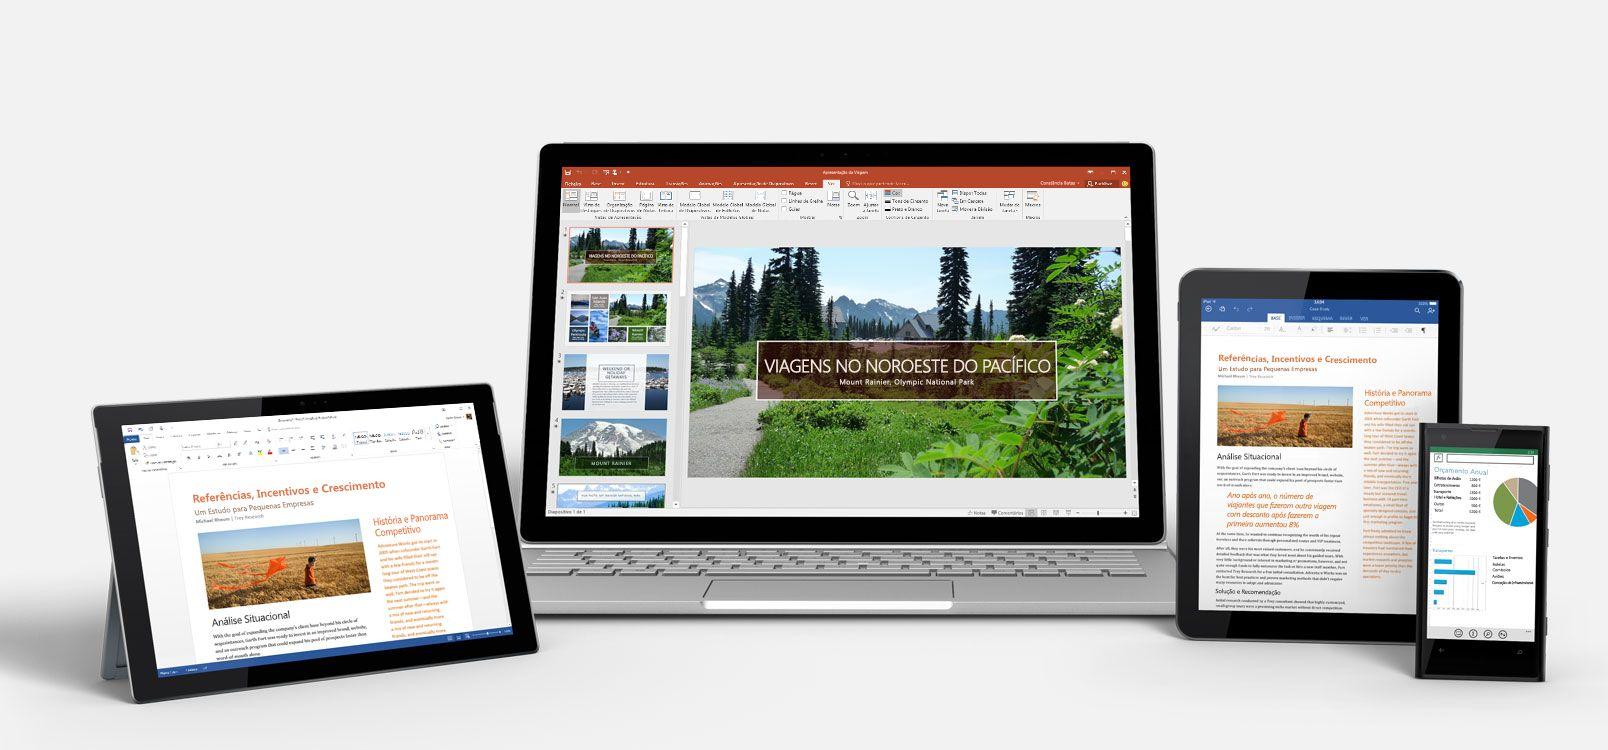 Um tablet Windows, um portátil, um iPad e um smartphone a mostrar o Office 365 em utilização.